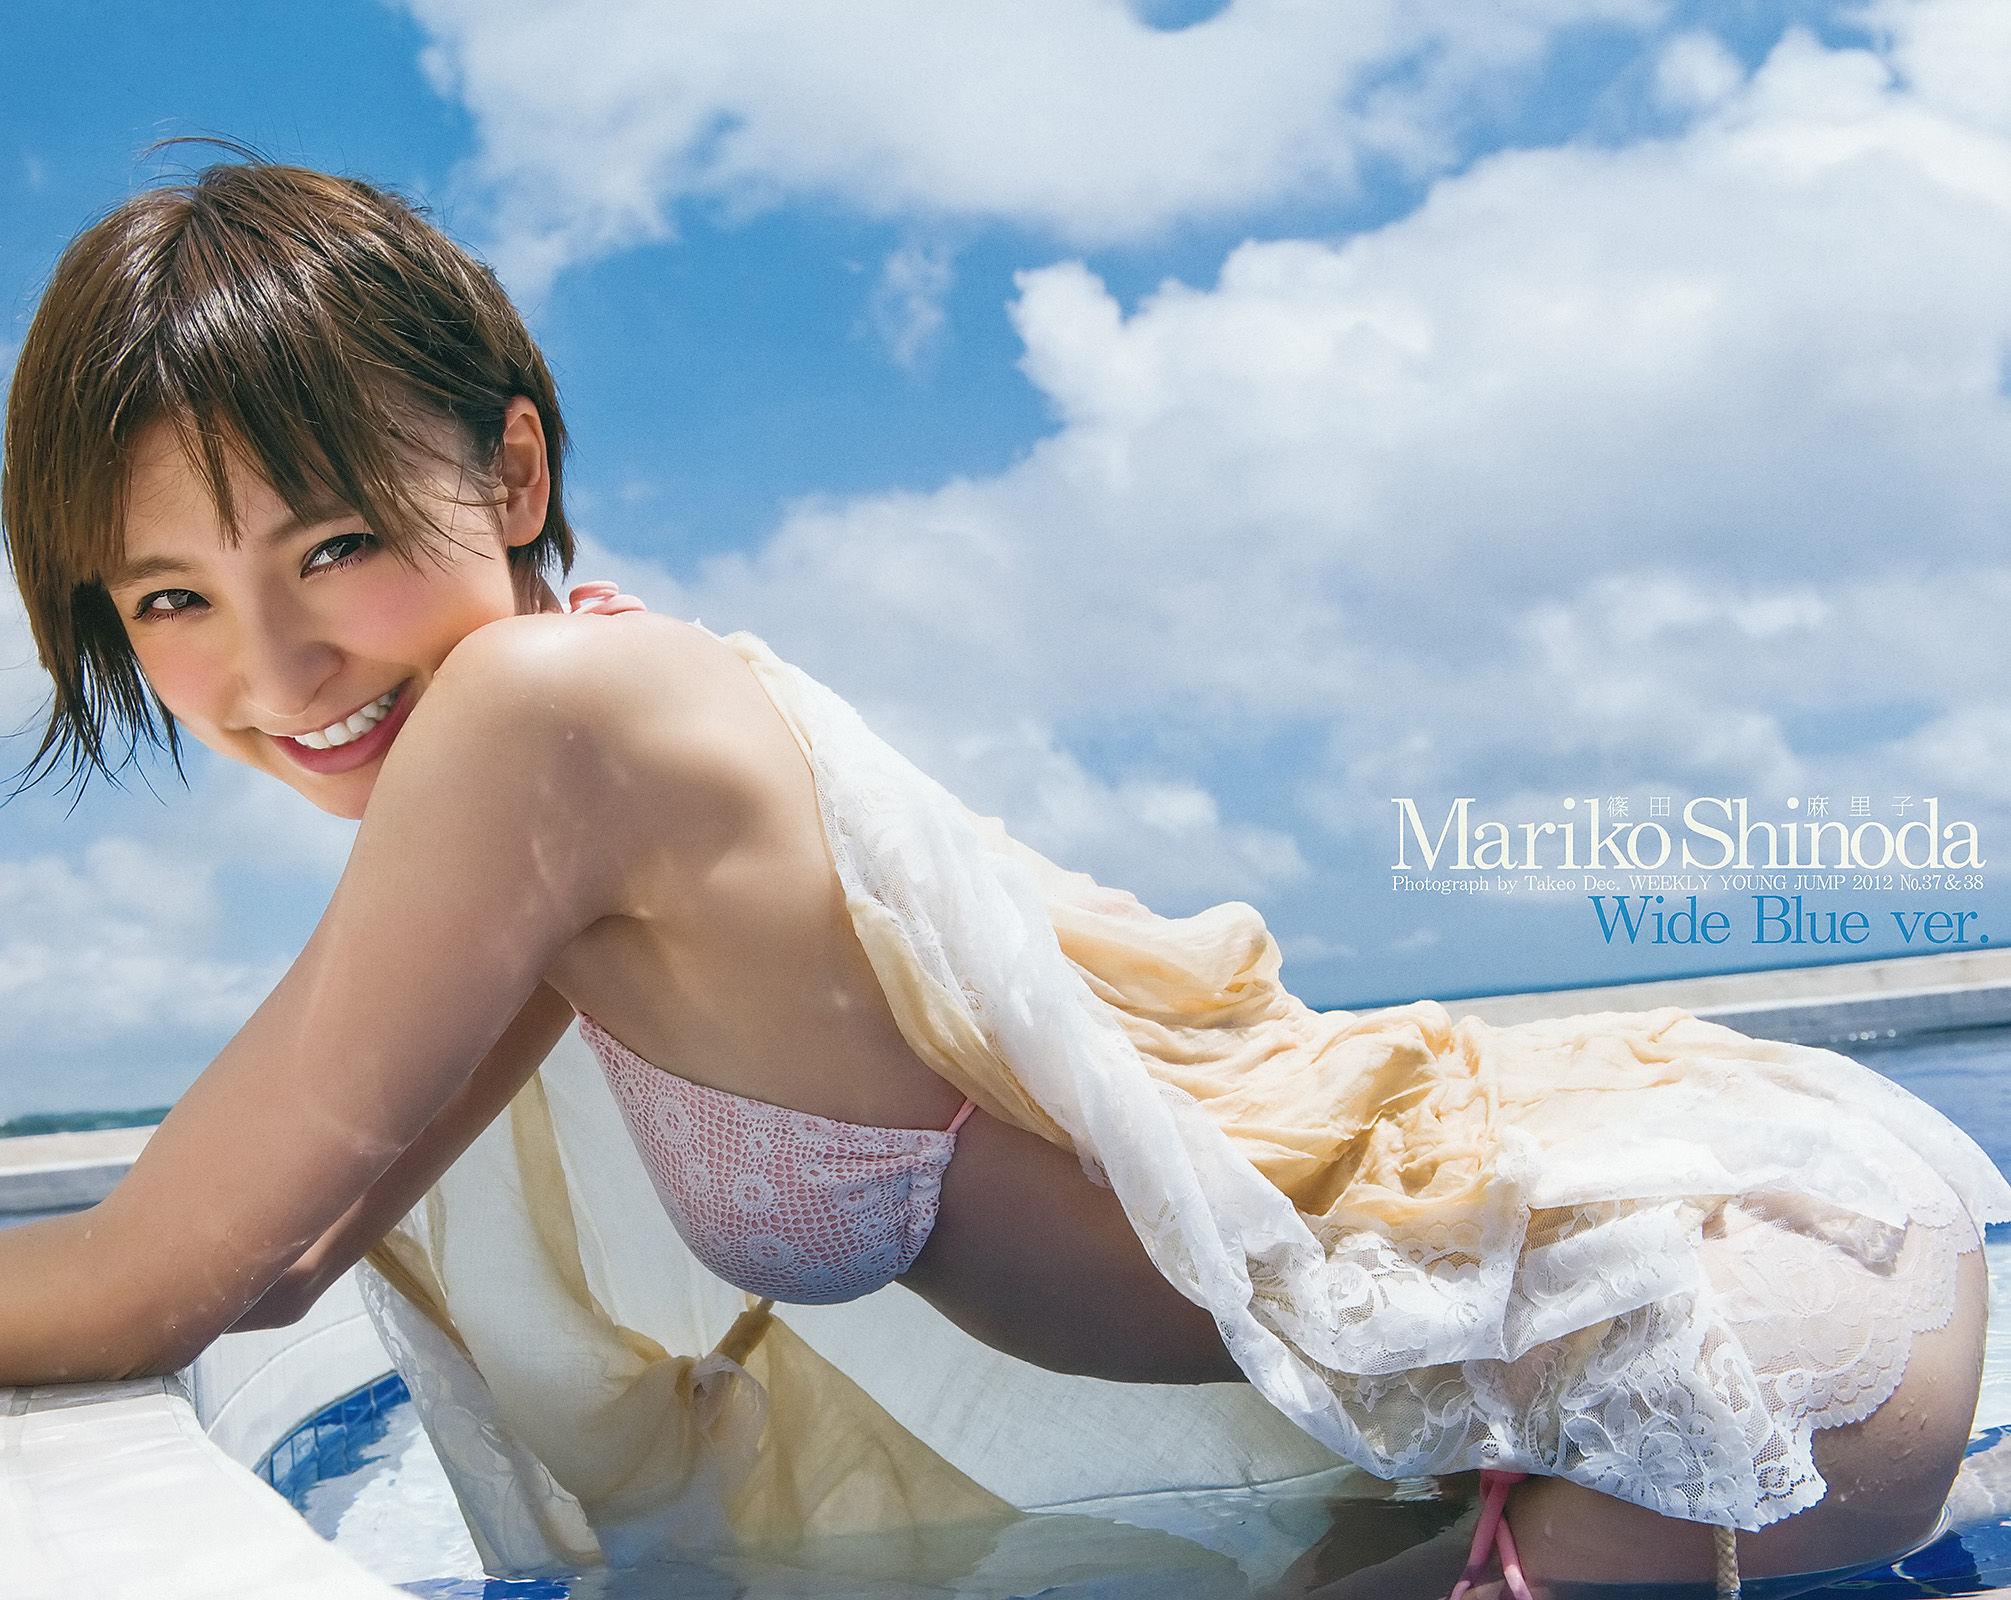 【画像】篠田麻里子のクビレがヤバイwwwww